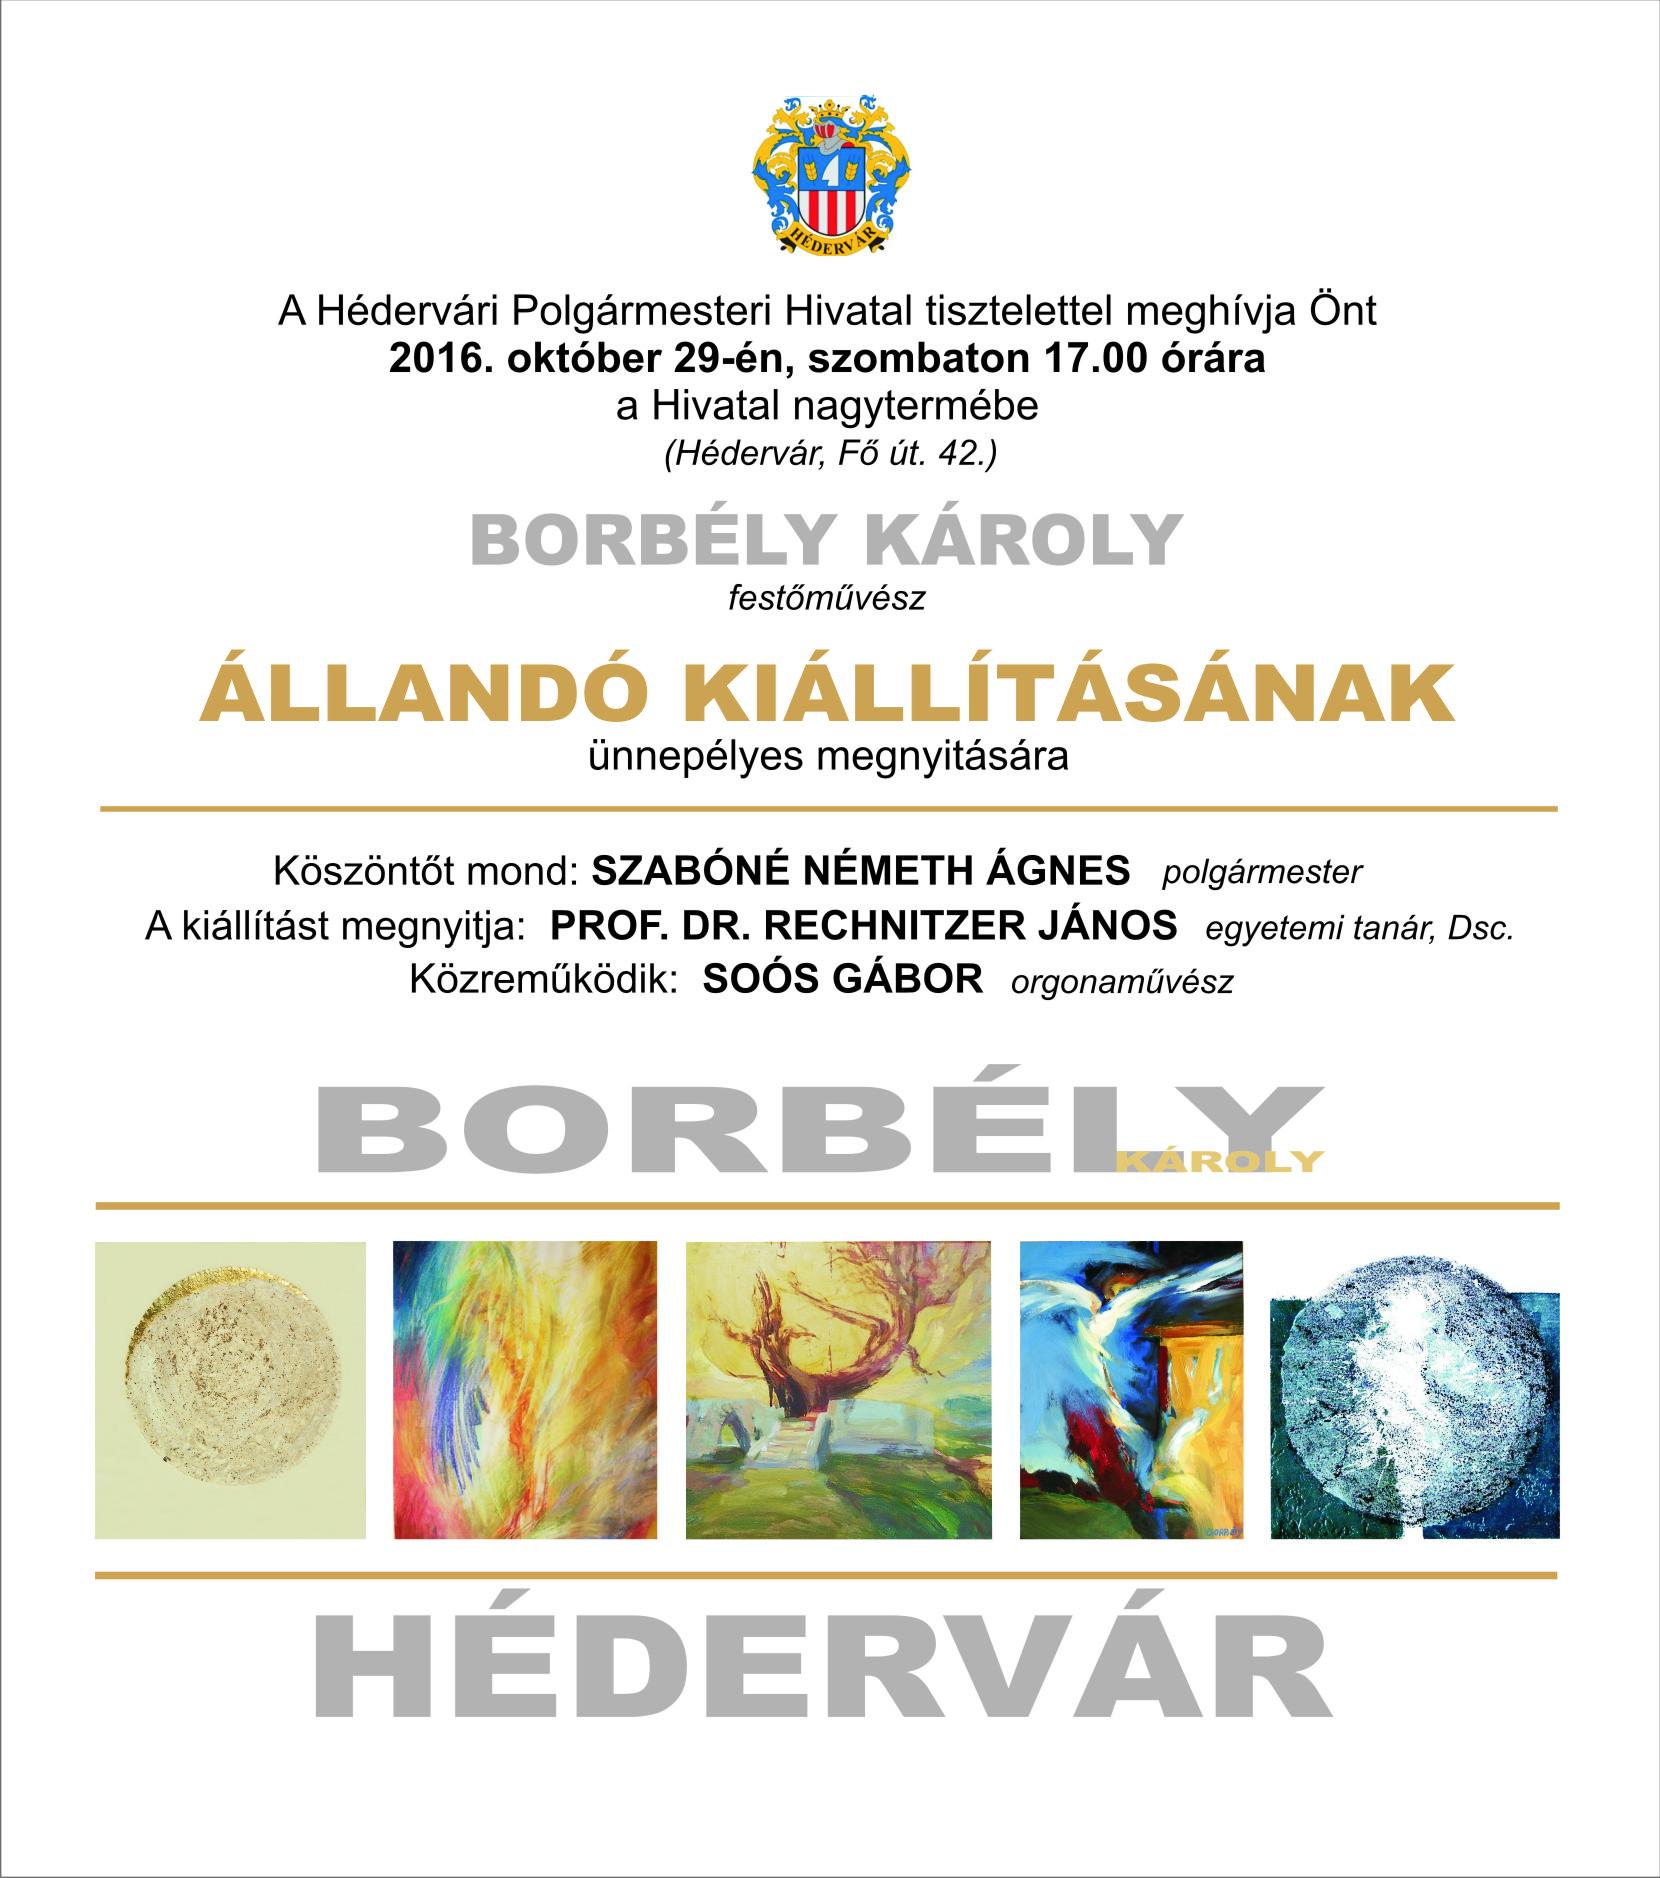 Borbély Károly állandó kiállításának ünnepélyes meghívója